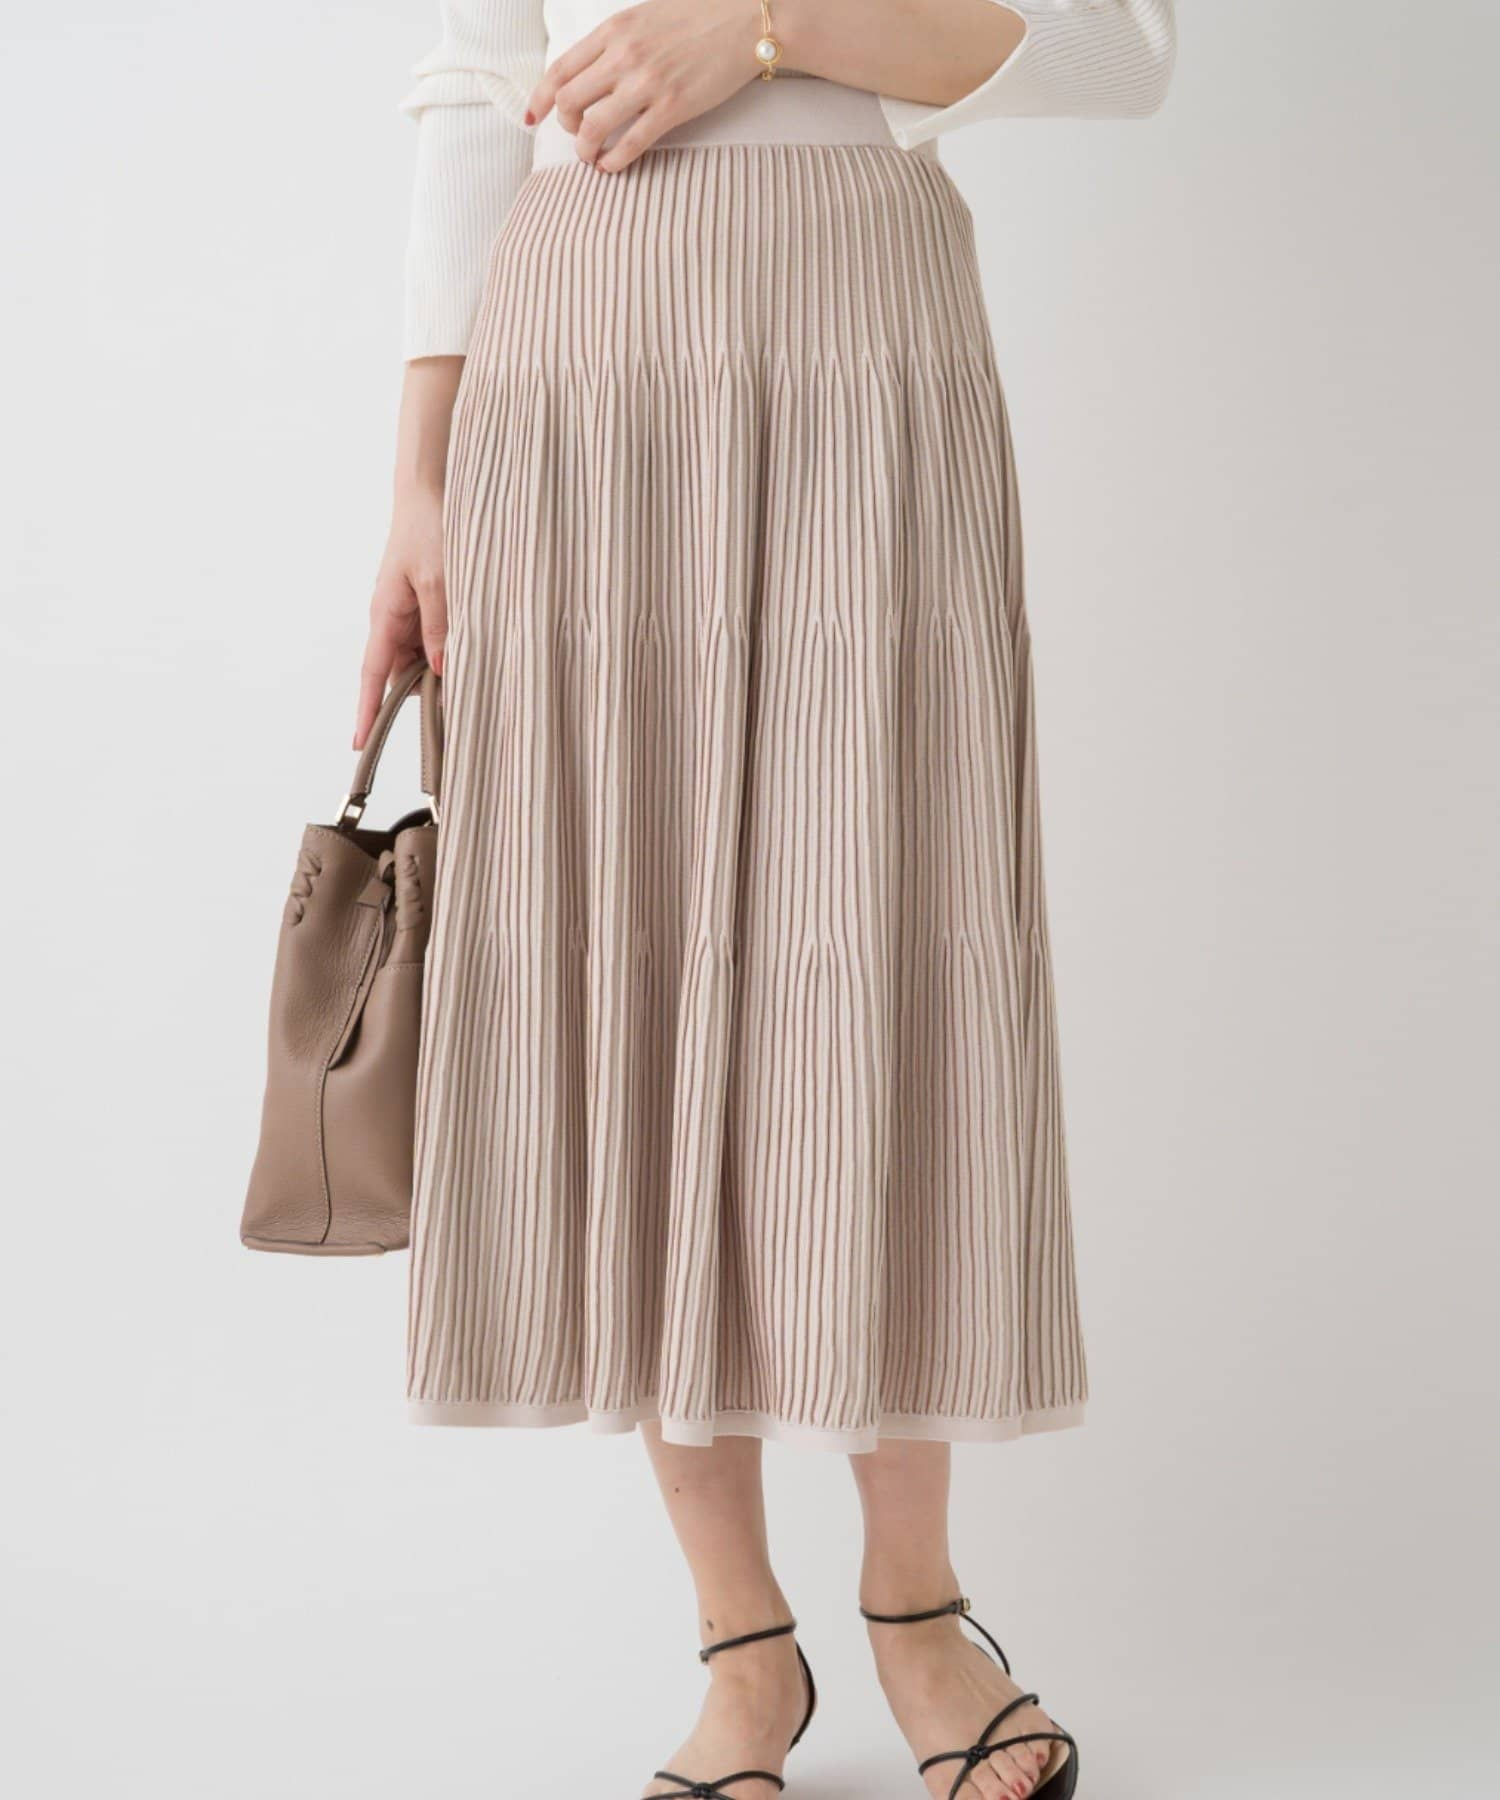 Loungedress(ラウンジドレス) マルチカラーニットプリーツスカート